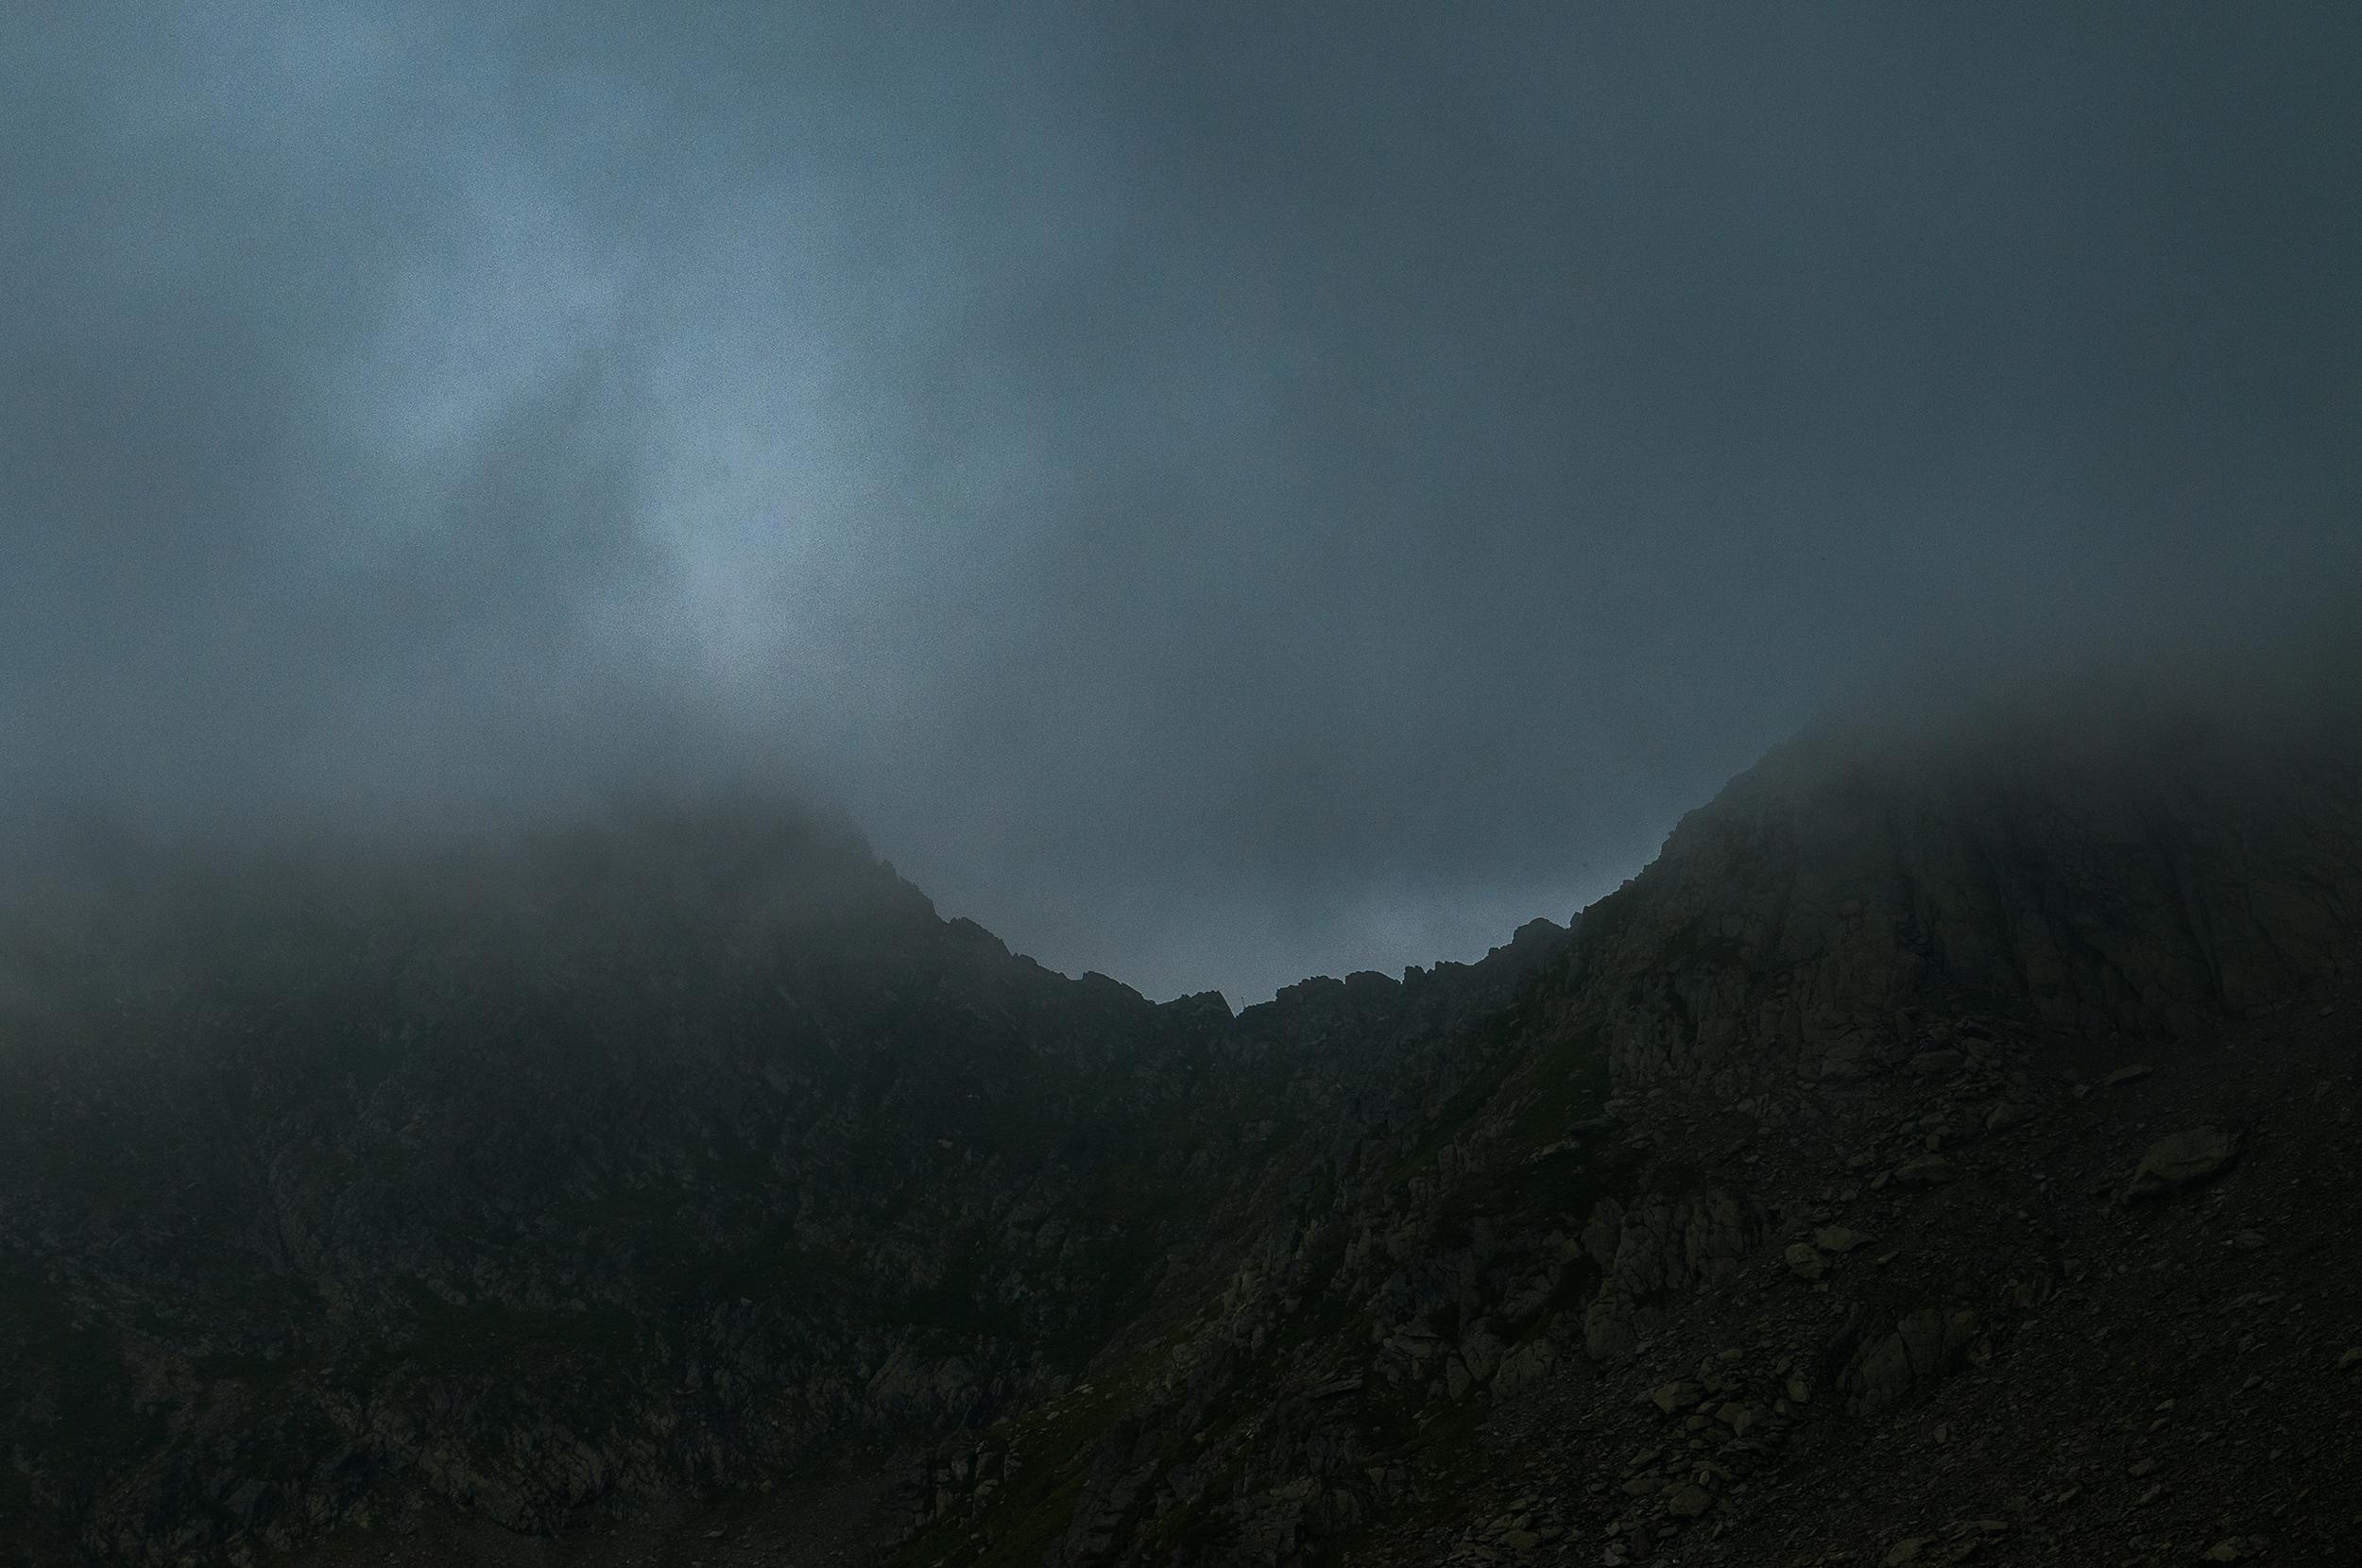 În urmă spre dreapta vedem sub ceață Strunga Doamnei.